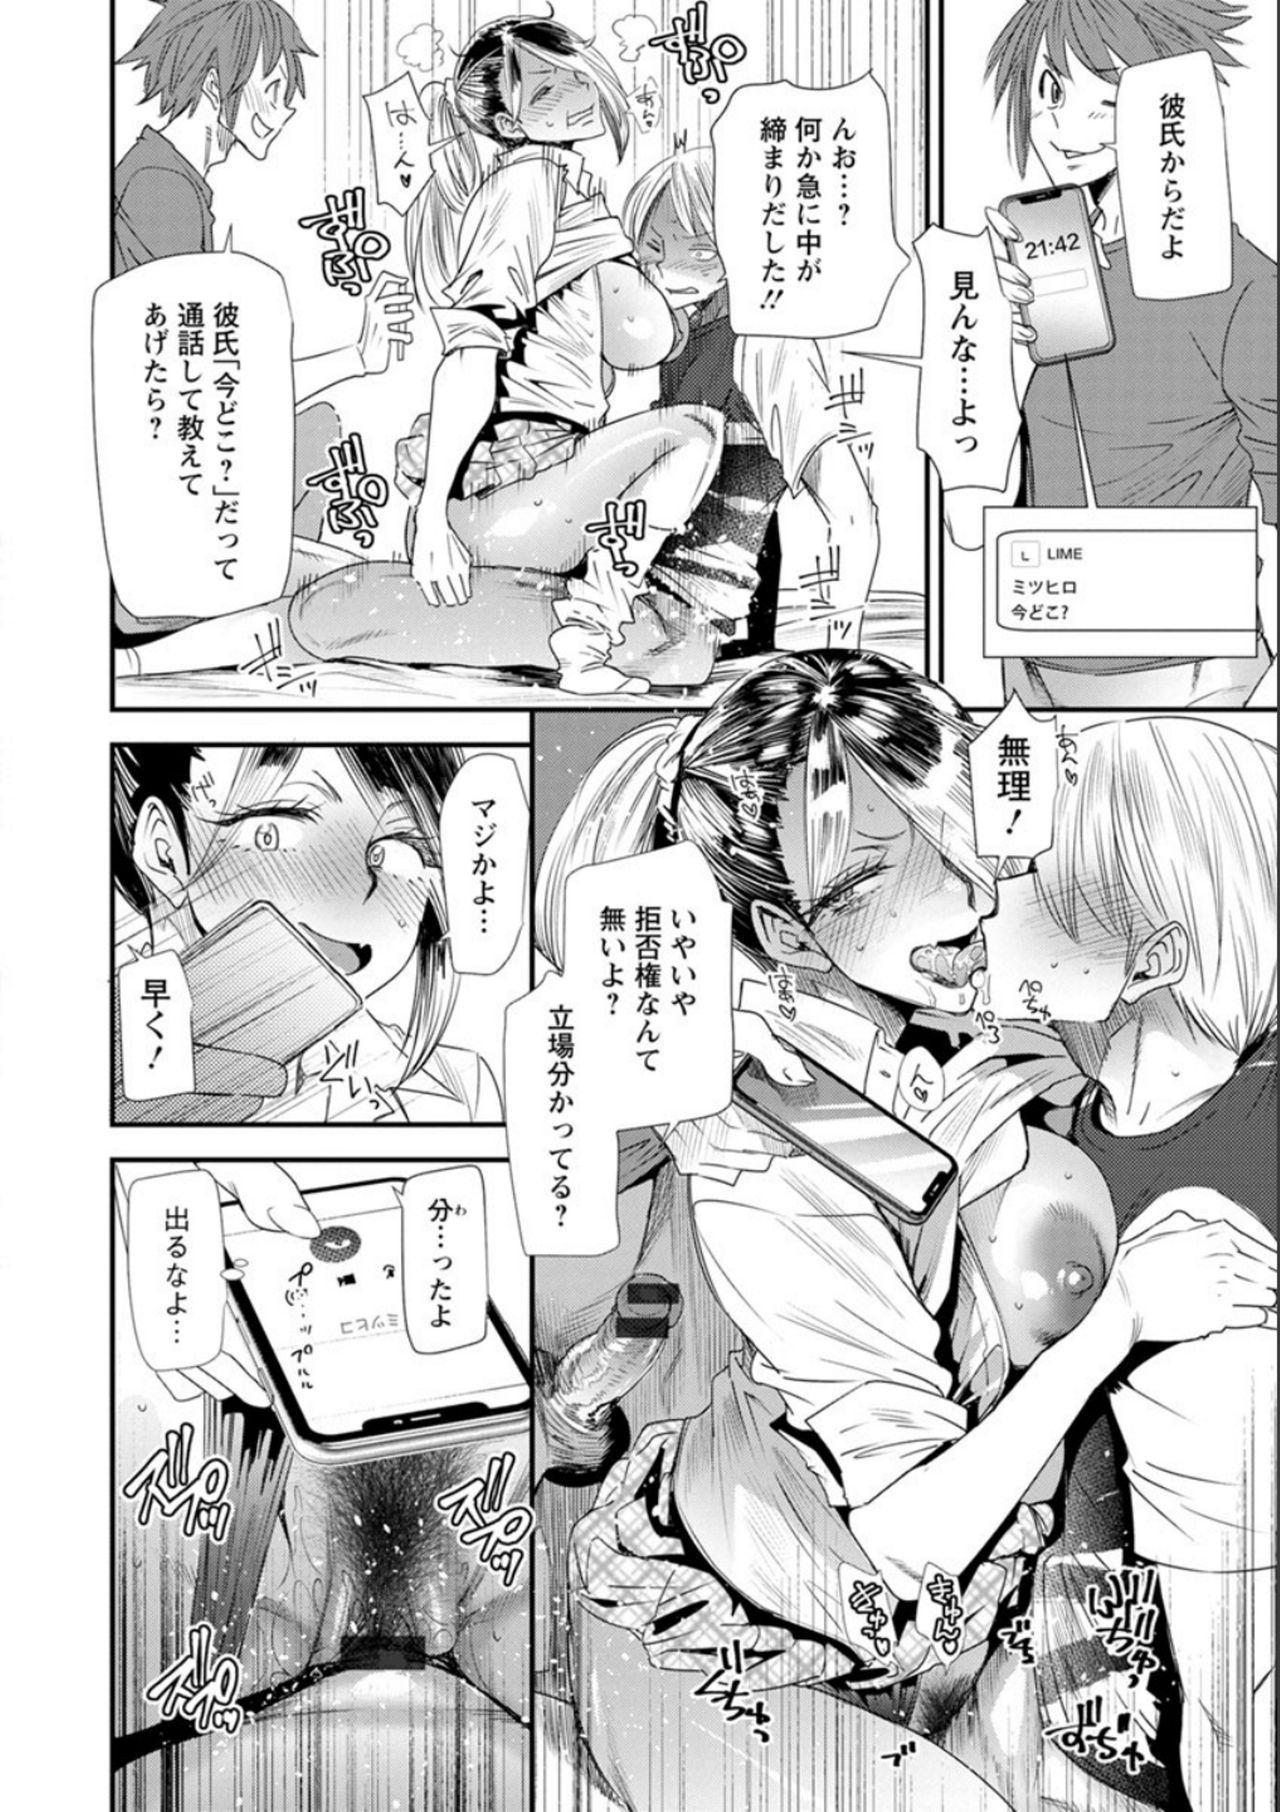 Nao's Secret 99